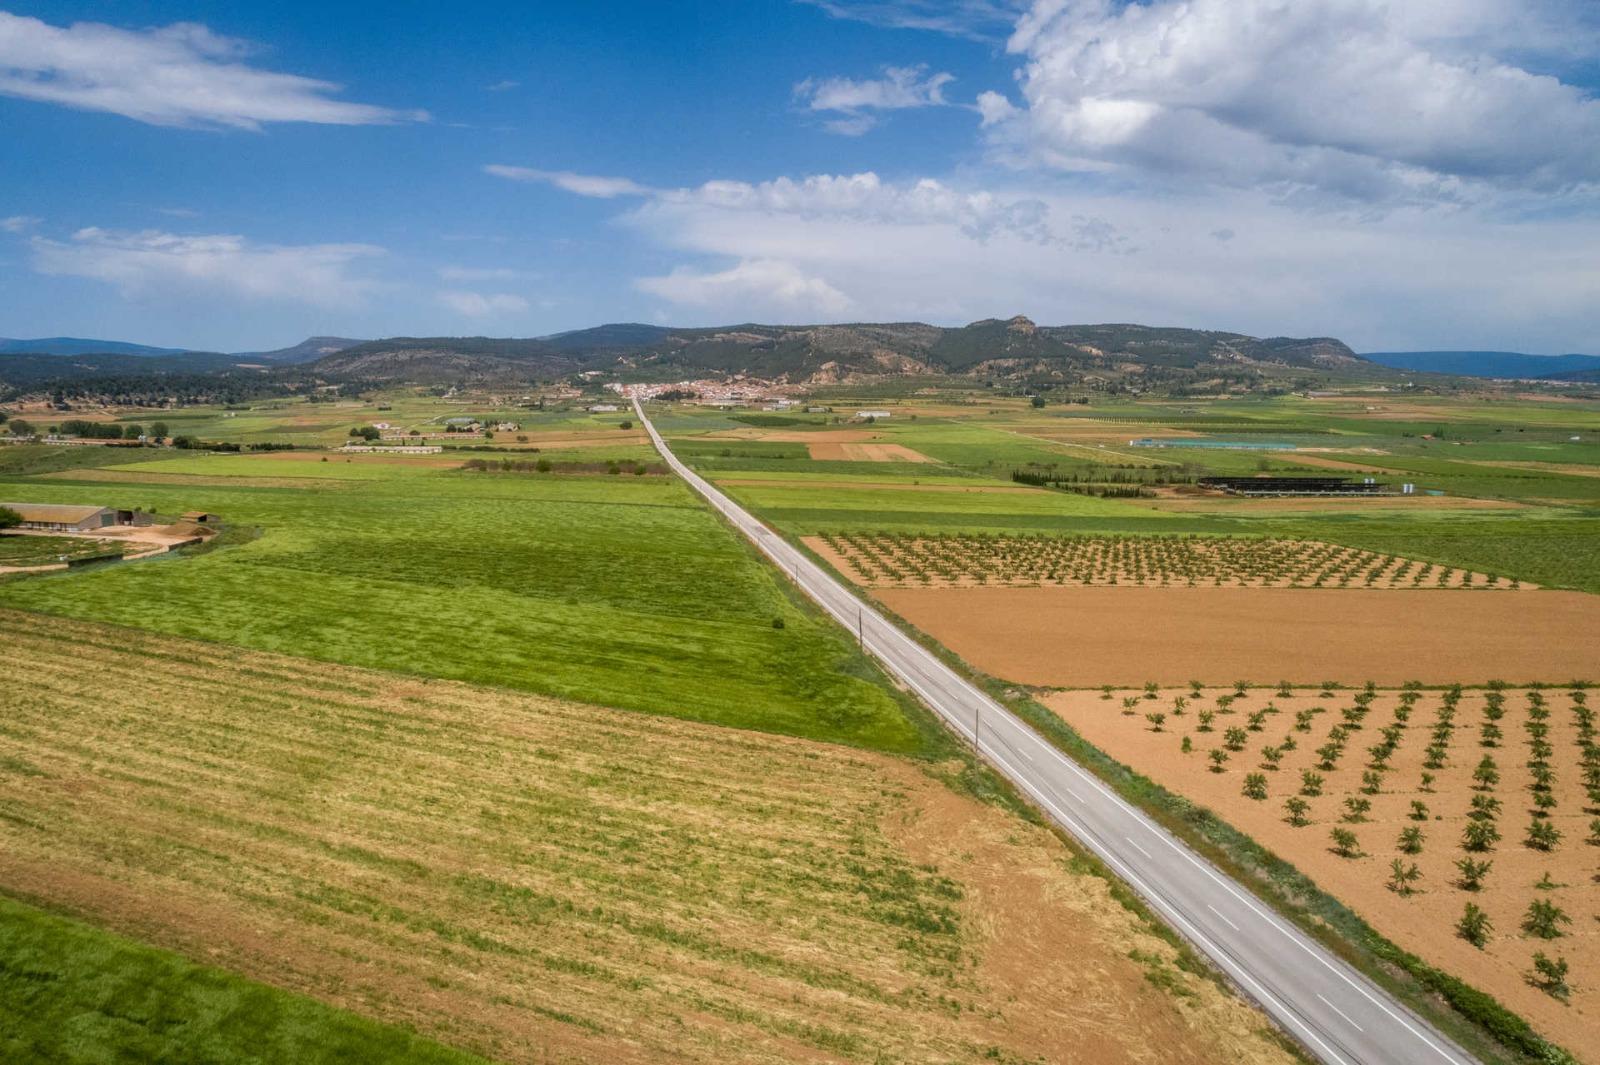 Obras Públicas invertirá 6,76 millones de euros en el acondicionamiento de la CV-35 en los términos de Tuéjar, Titaguas y Aras de los Olmos